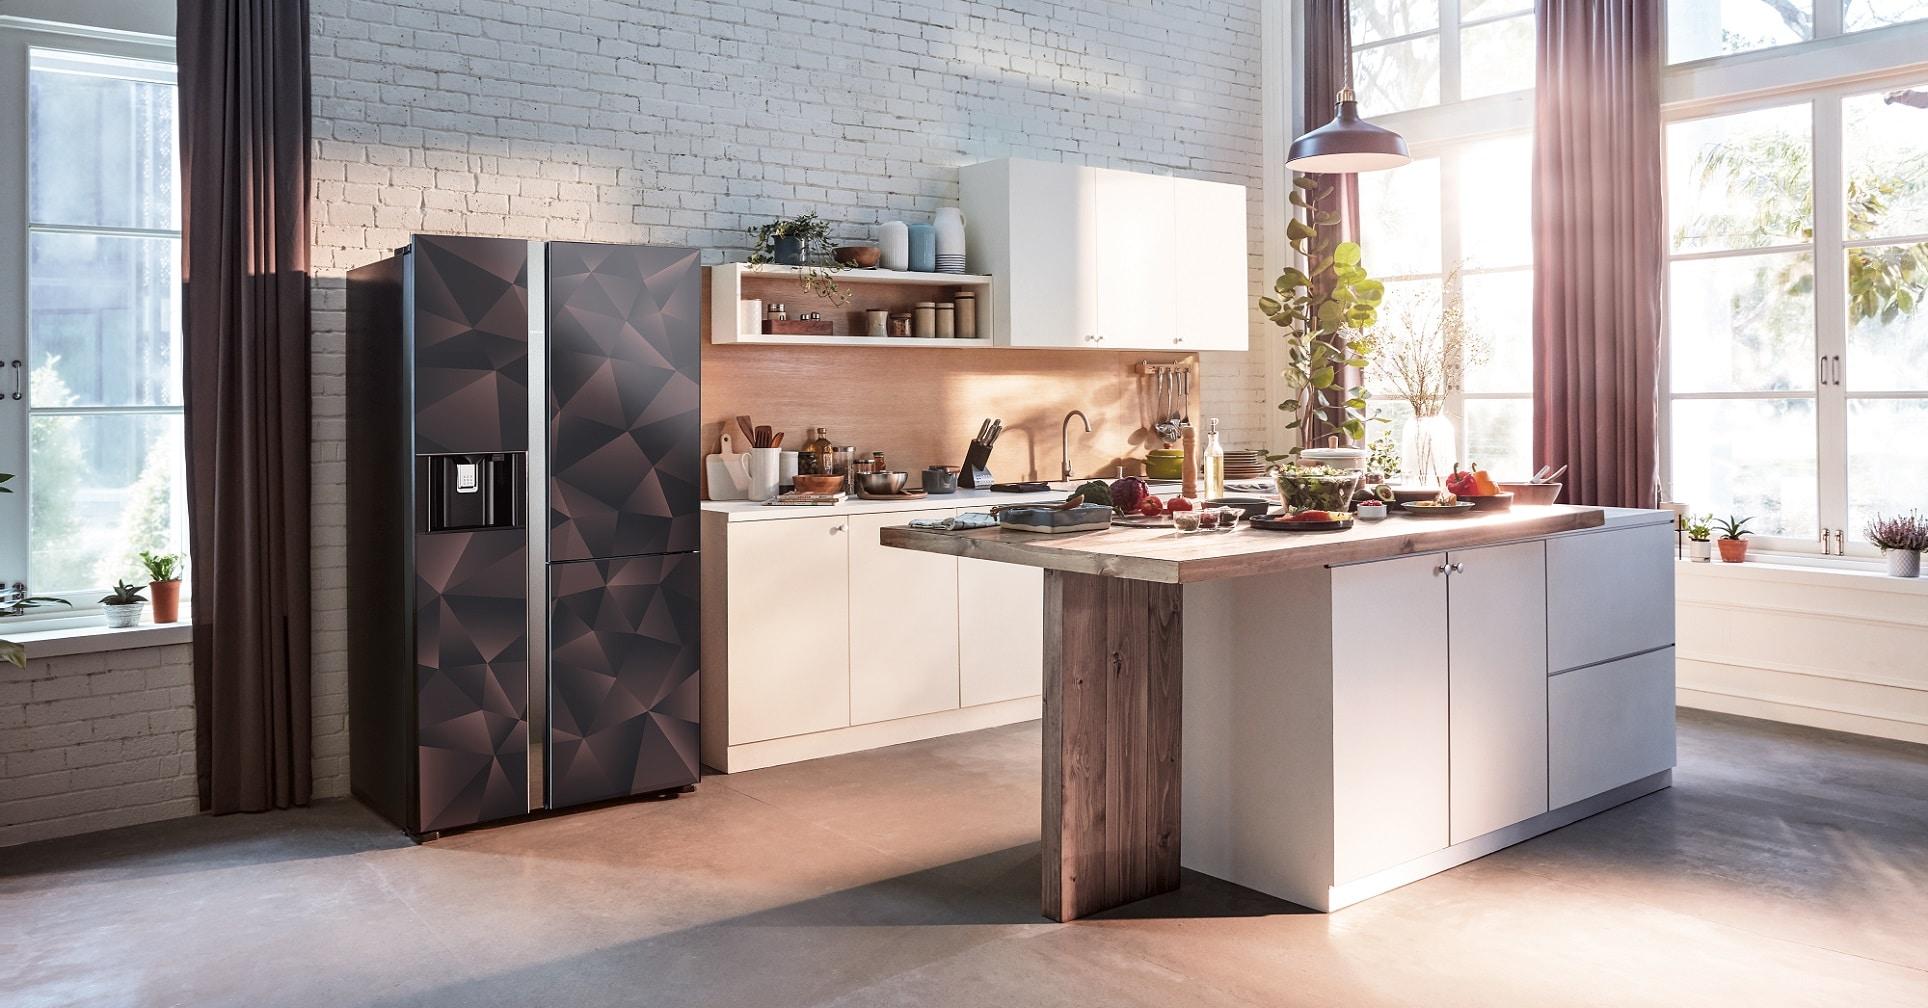 6_HITACHI-R-M600VAG9THX_New Холодильник Hitachi R-M600VAG9THX